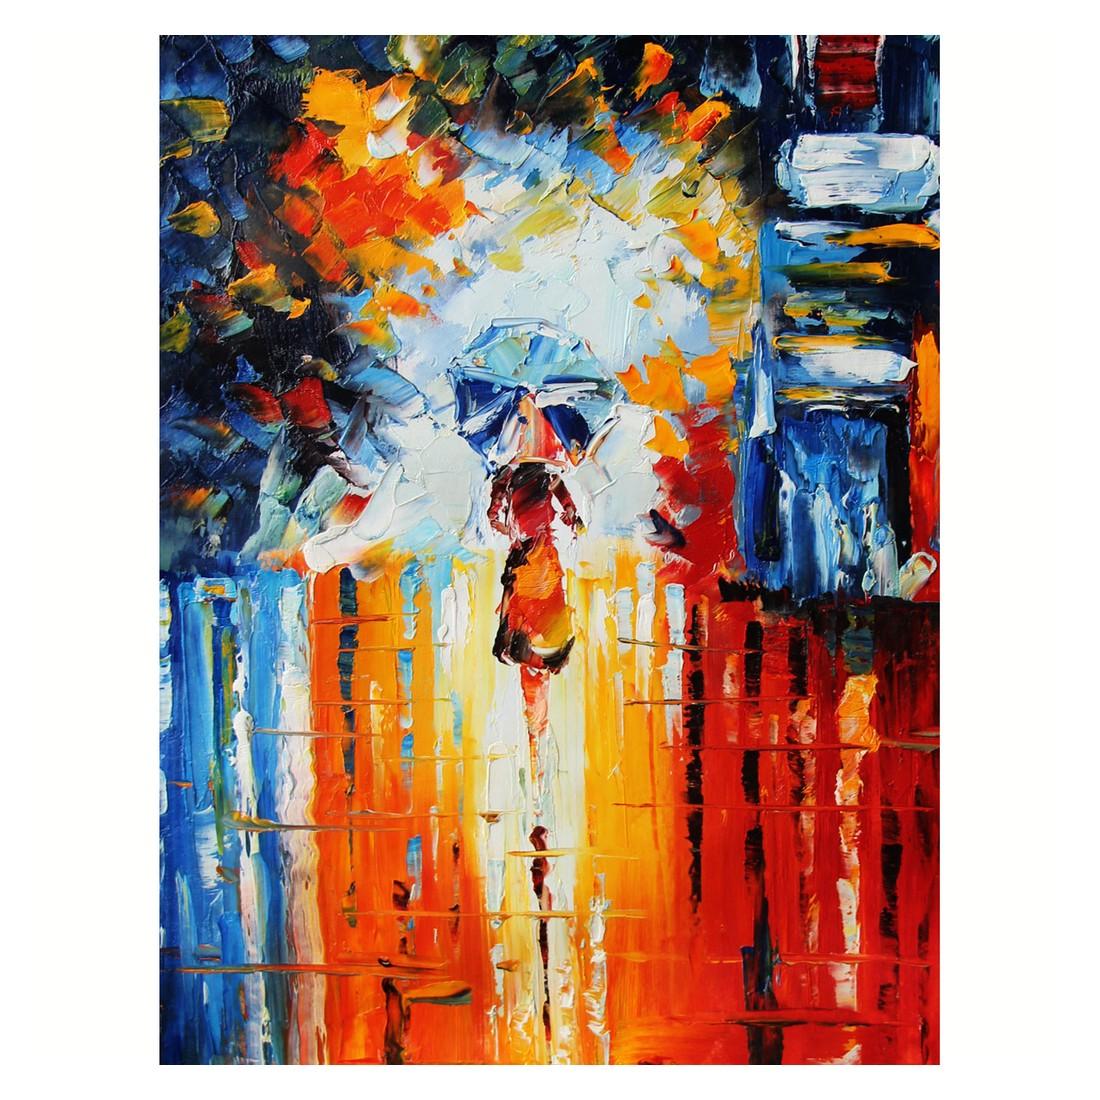 Ölgemälde Pimpernel Gaukrogas – Größe 80 x 60 cm, yourPainting jetzt kaufen